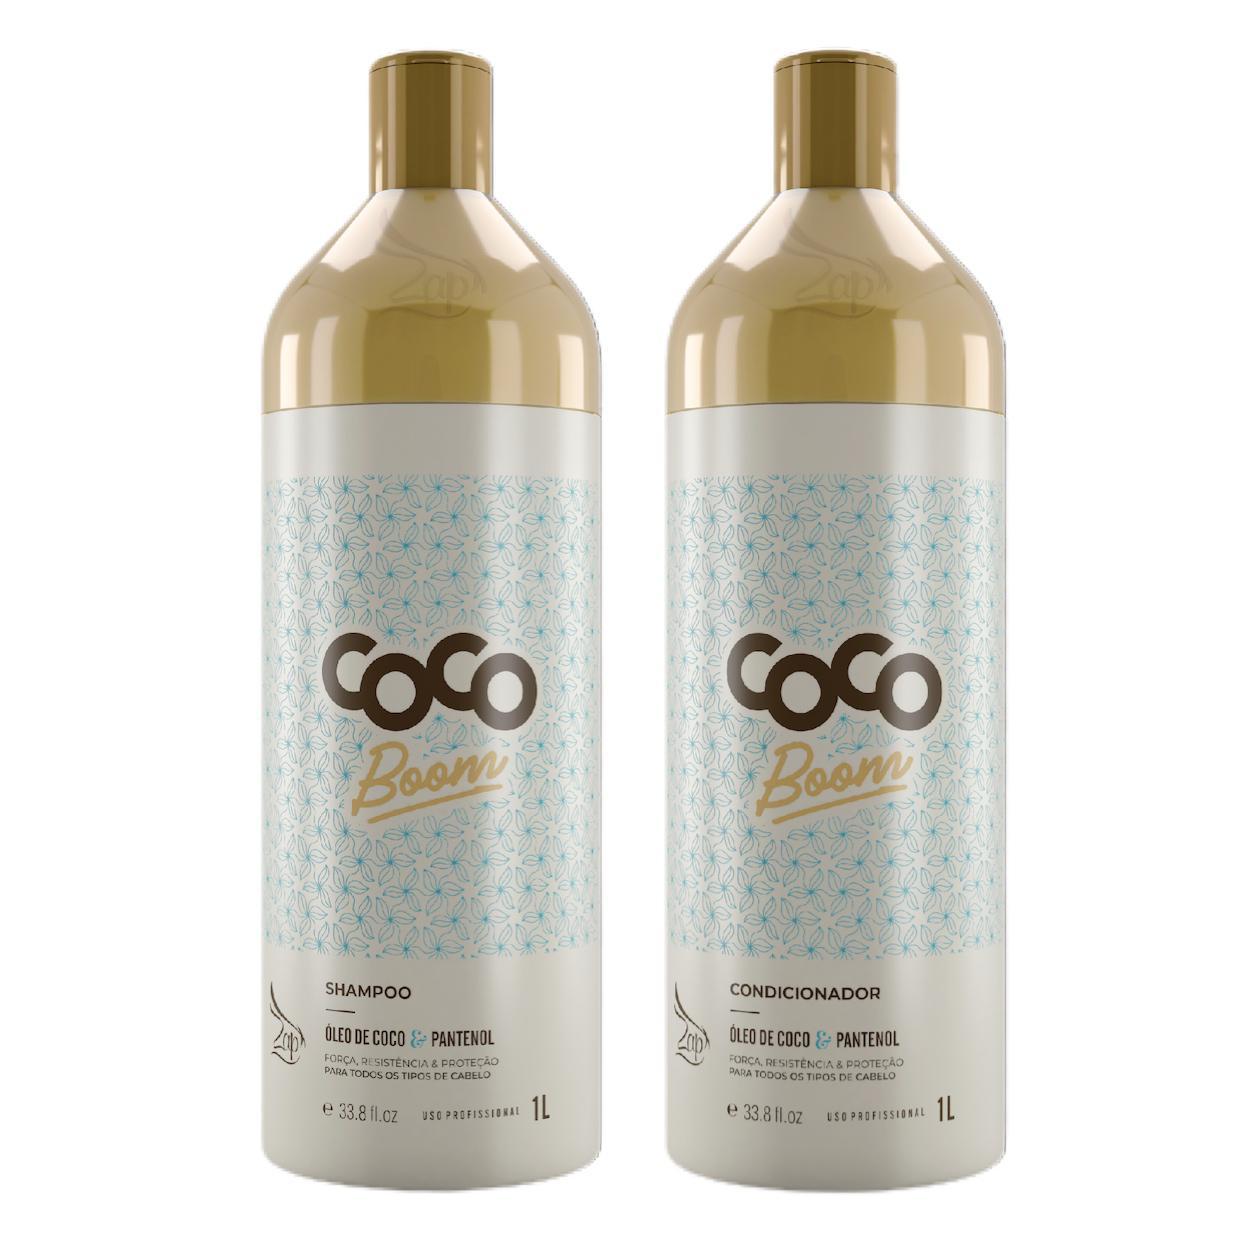 Kit Zap Coco Boom Lavatorio Profissional 1L Shampoo e Condicionador